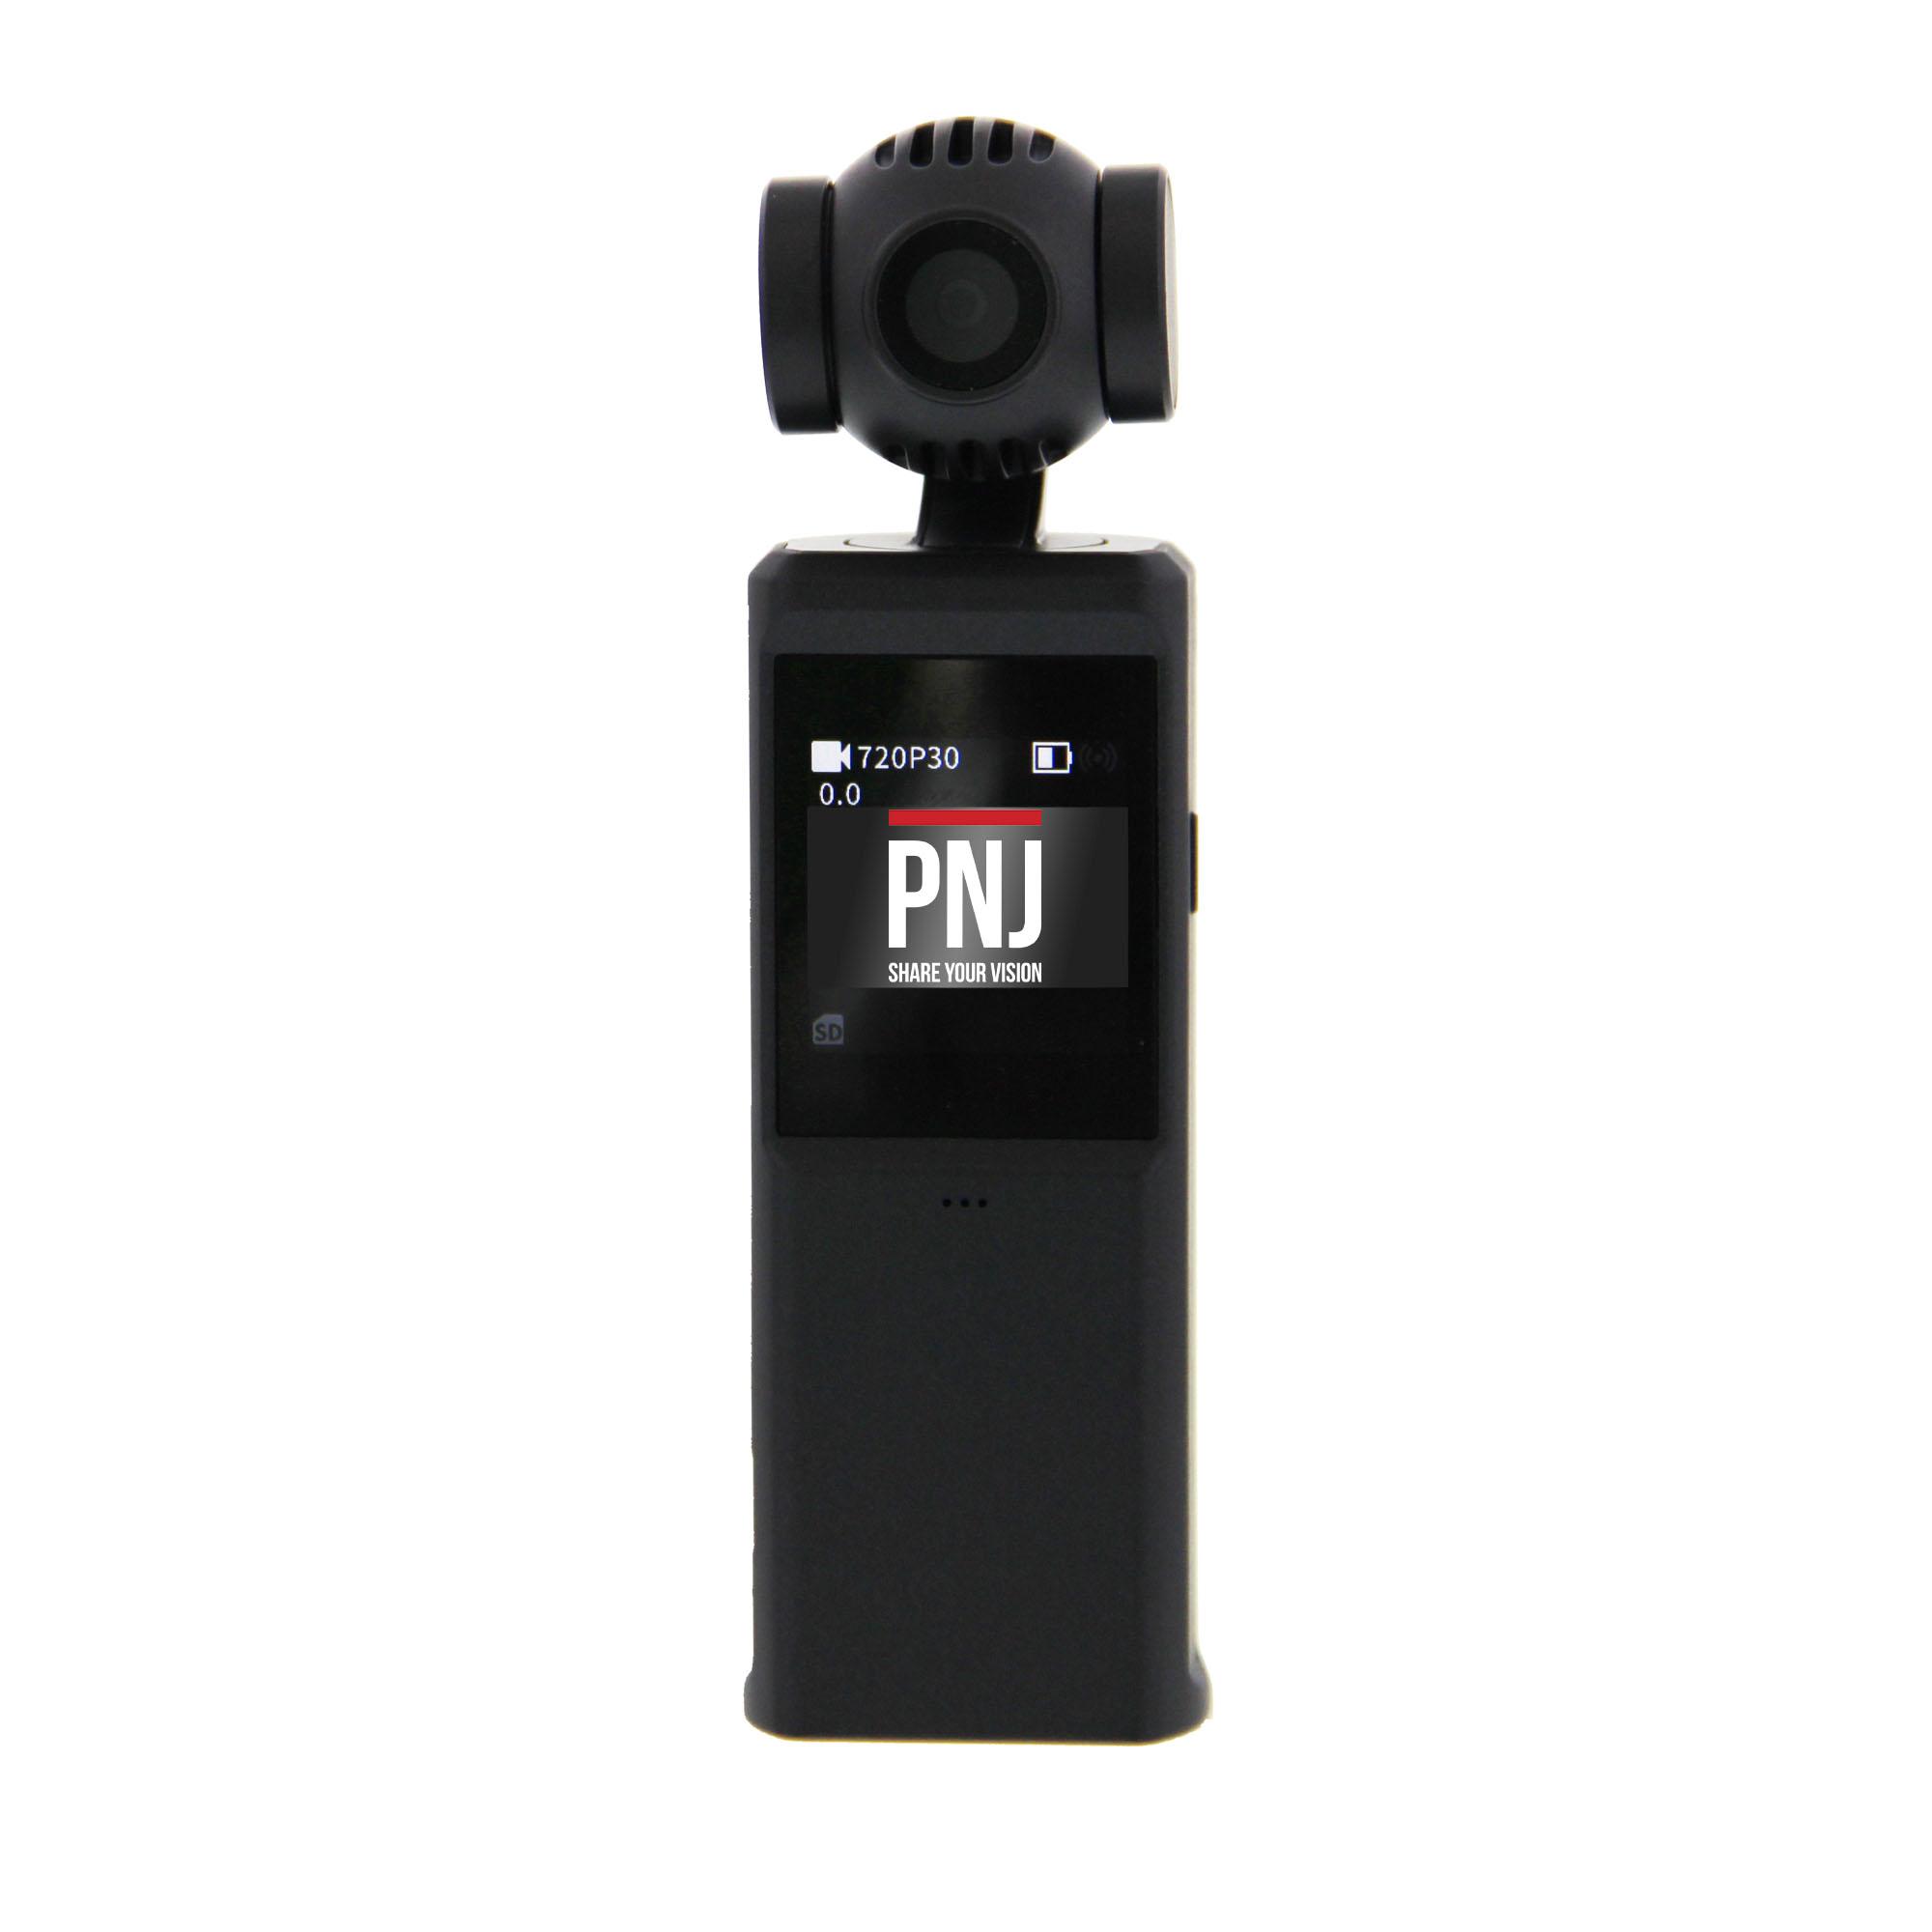 PNJ lance la PNJ Pocket en France, une chouette petite caméra stabilisée